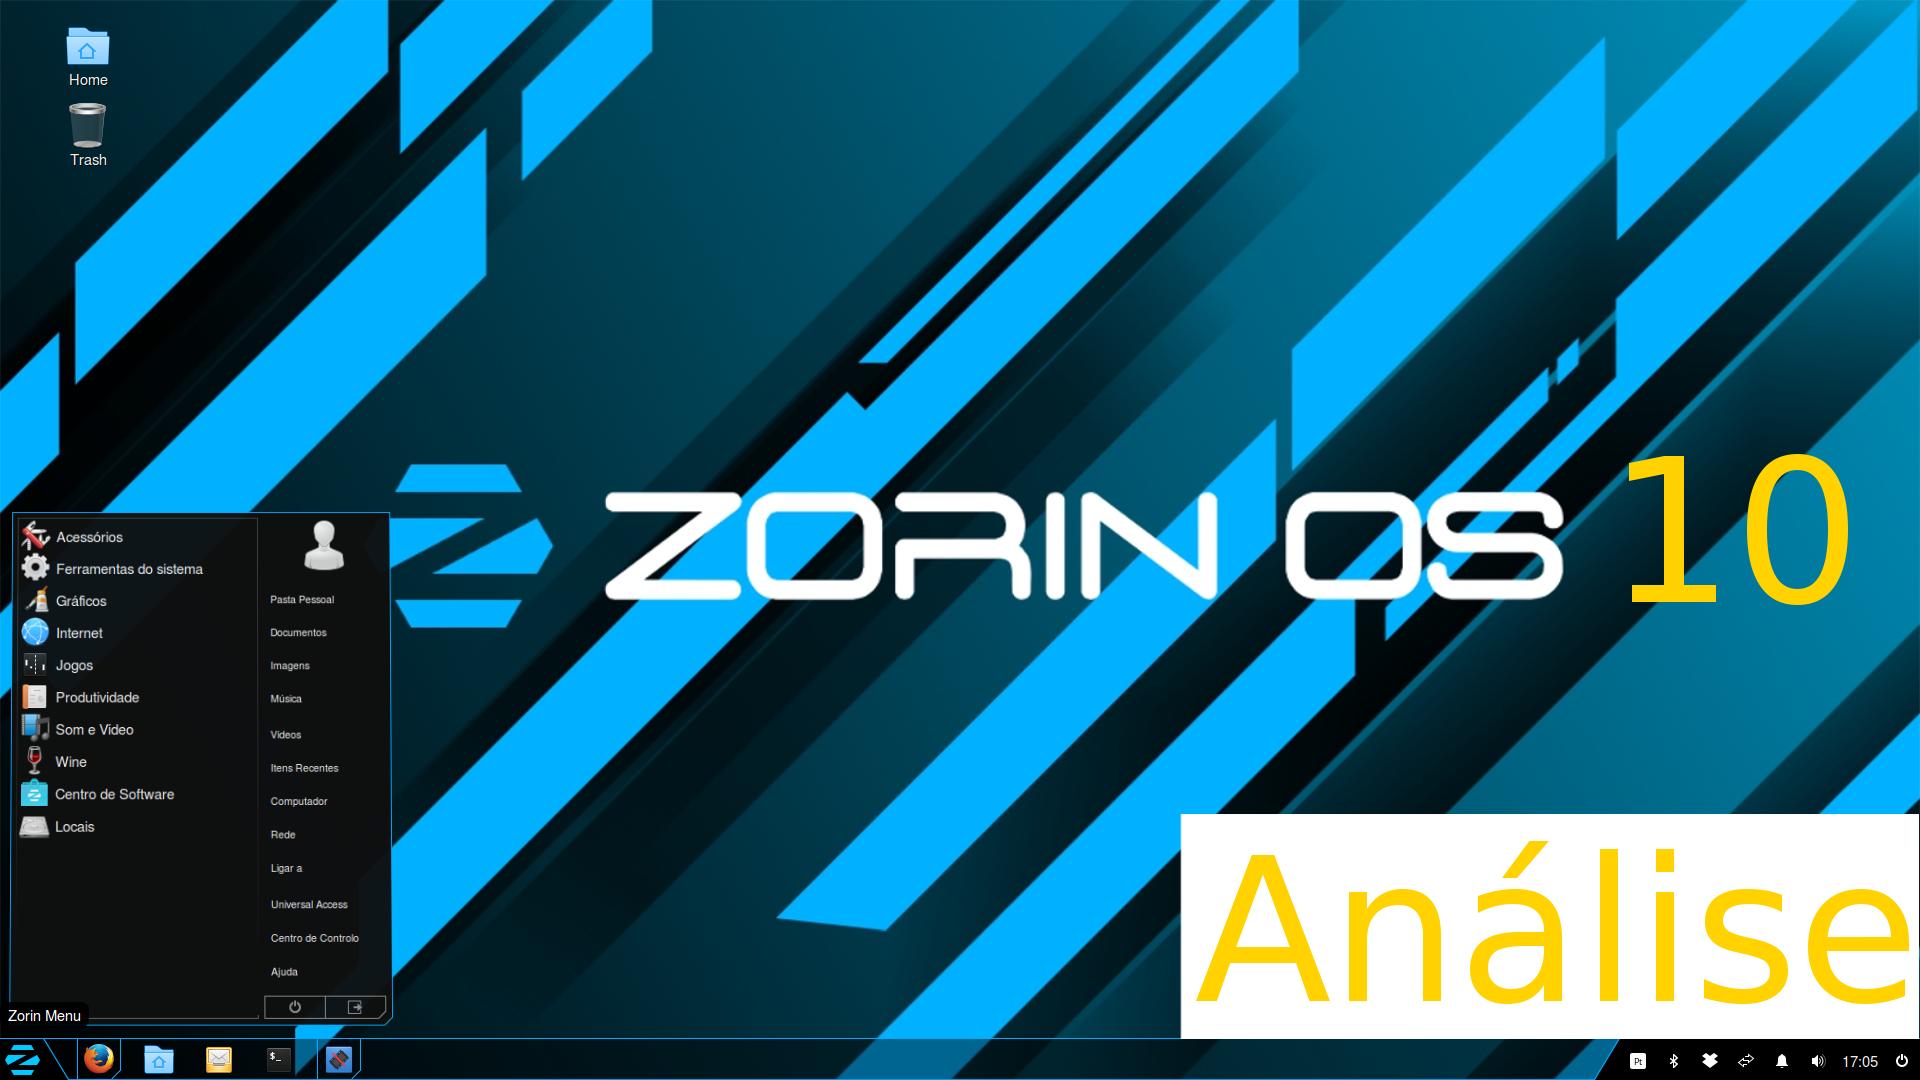 Zorin 10 Core (Gnu/Linux) – Análise em Português